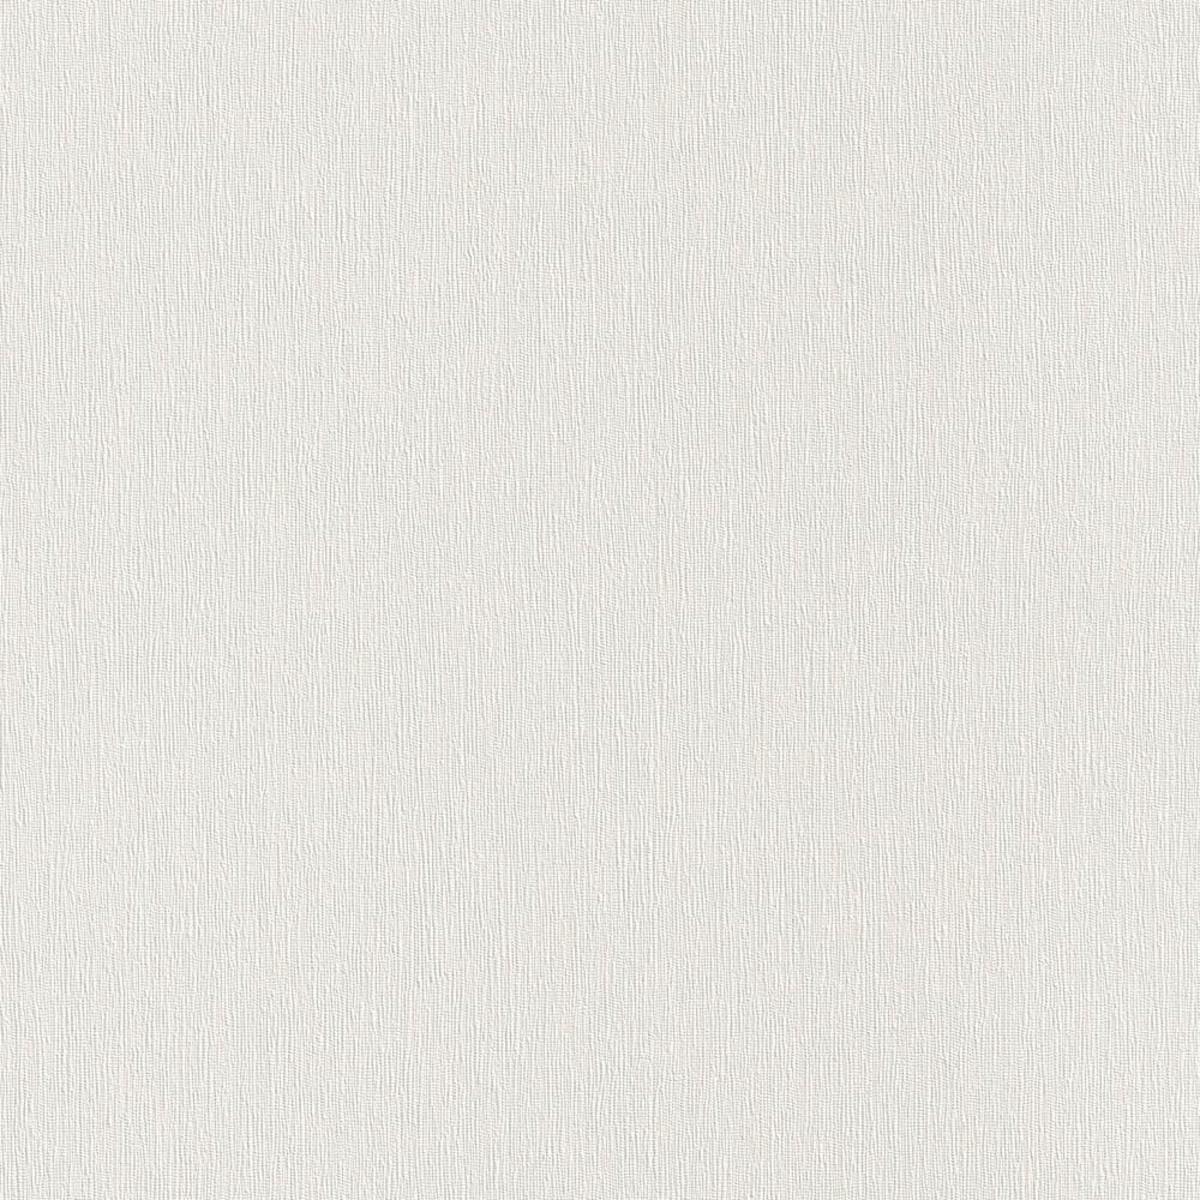 Обои флизелиновые Rasch Amelie белые 0.53 м 573336